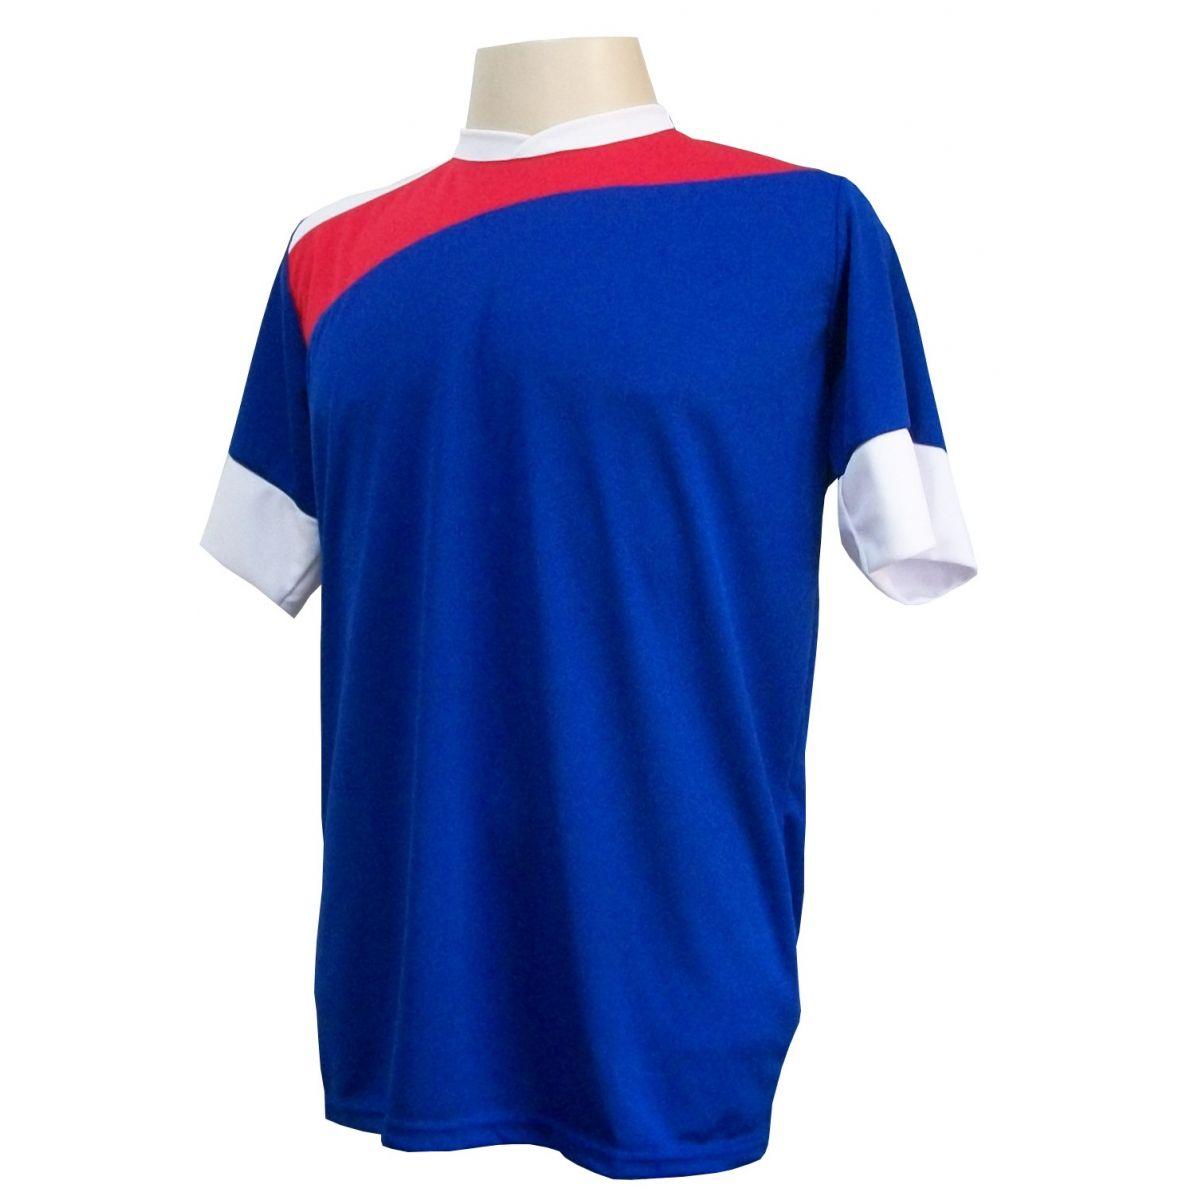 Uniforme Esportivo com 14 camisas modelo Sporting Royal/Vermelho/Branco + 14 calções modelo Madrid Branco + Brindes